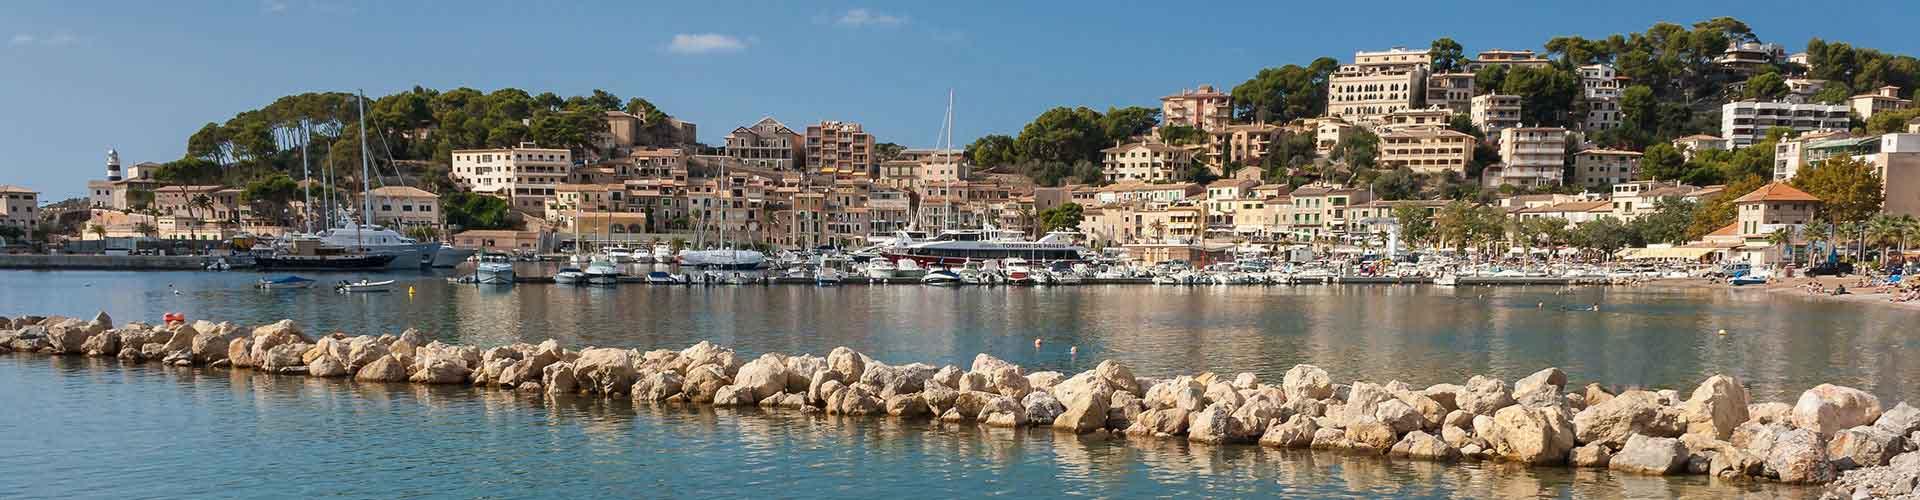 Mallorca - Hostales en Mallorca. Mapas de Mallorca, Fotos y comentarios de cada Hostal en Mallorca.